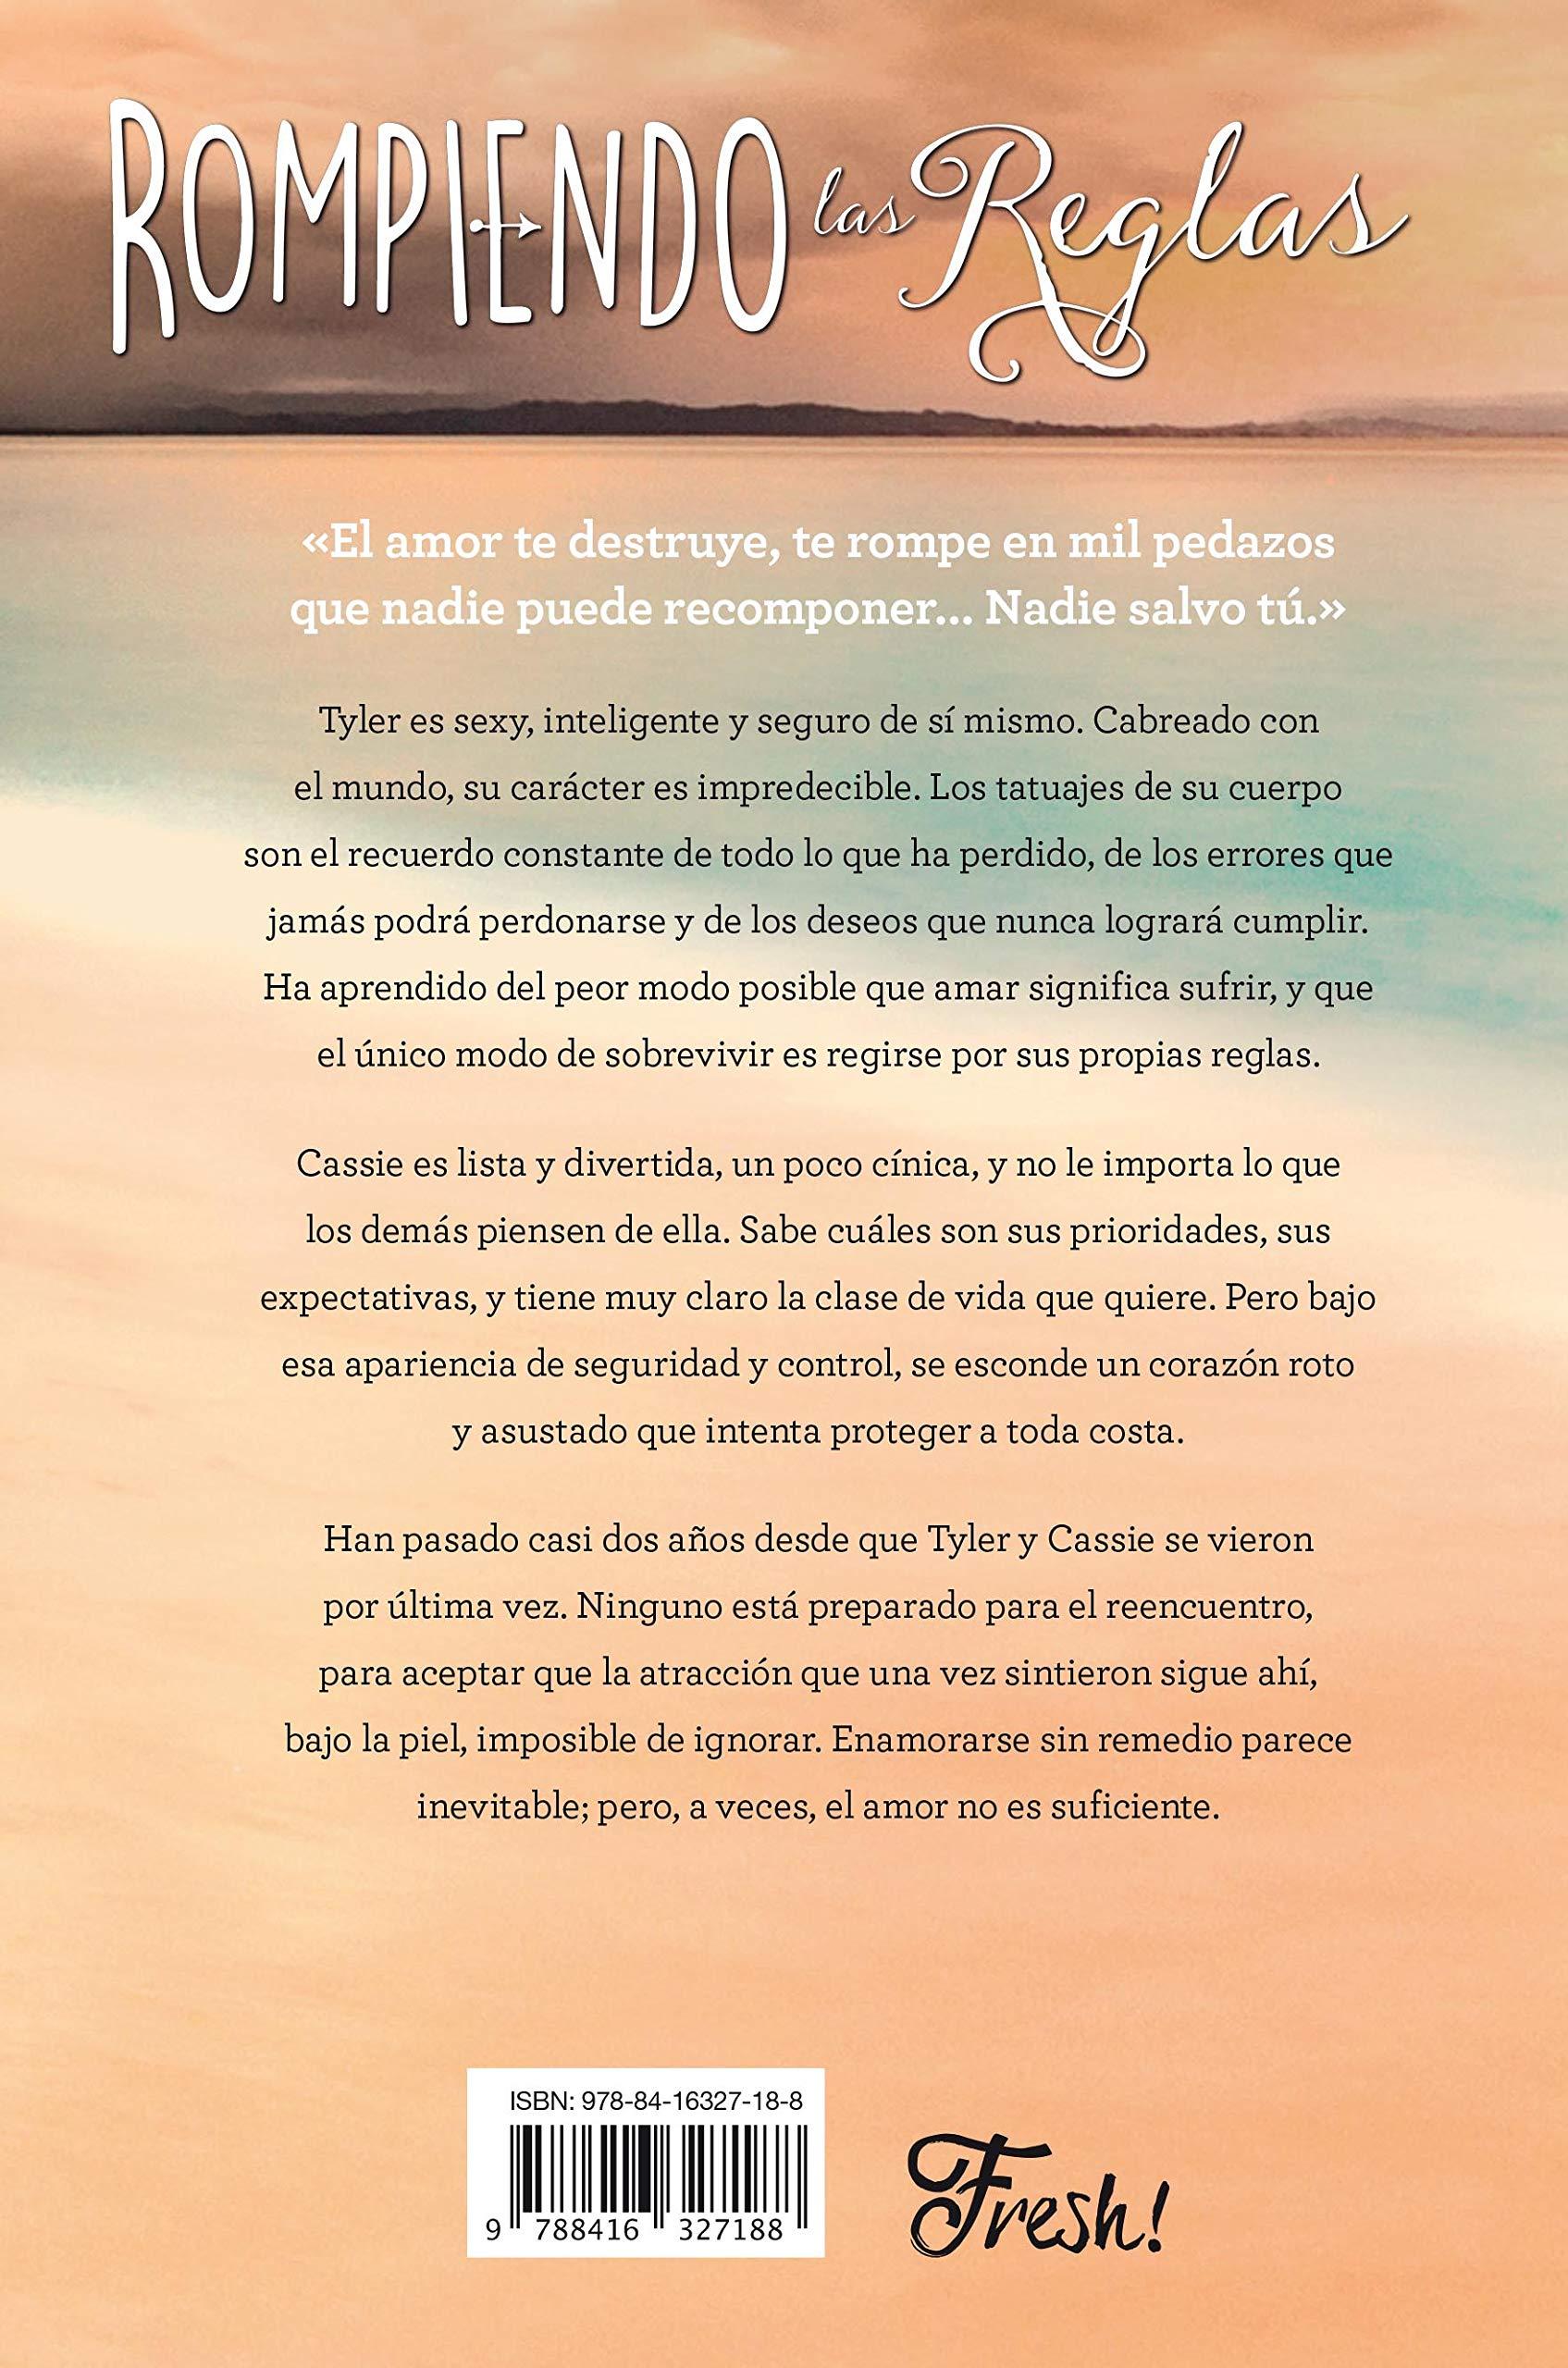 Rompiendo las reglas (Titania fresh): Amazon.es: Martínez, María ...